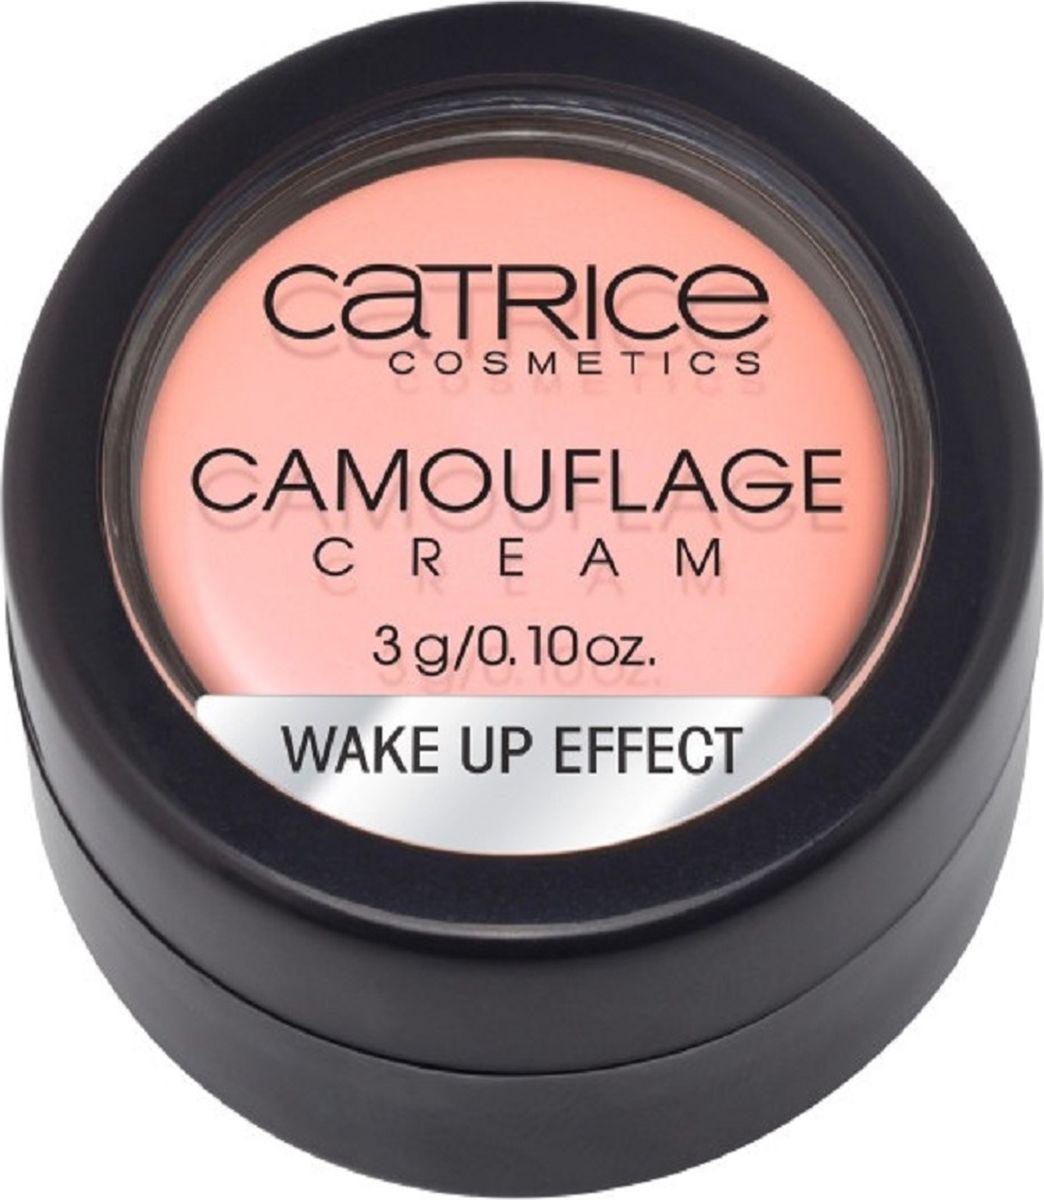 Catrice Консилер Camouflage Cream Wake Up Effect, 14 г759848Матовый корректор Camouflage Cream нейтрализует и перекрывает любые совершенства кожи. Стойкая текстура и непревзойденные маскирующие свойства в сочетании с мягкой, легко поддающейся растушевке кремовой текстурой, гарантируют безупречный результат: идеально ровный тон кожи без видимых недостатков.